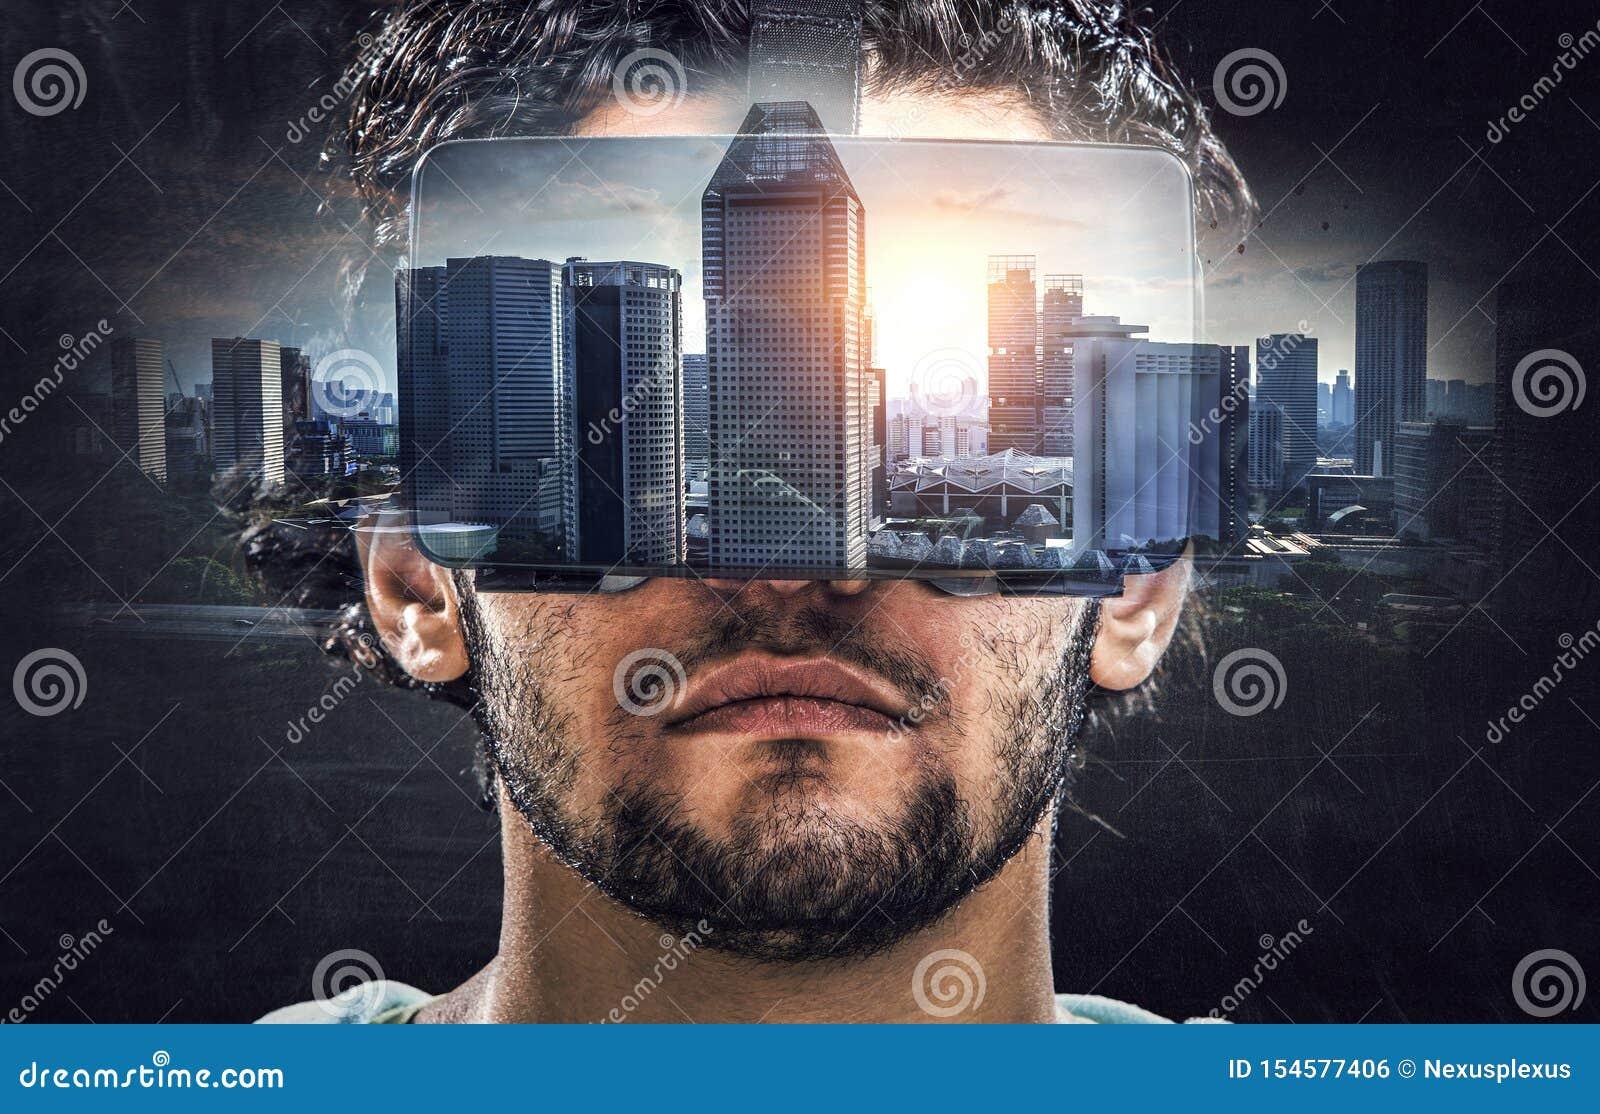 Εμπειρία εικονικής πραγματικότητας Τεχνολογίες του μέλλοντος